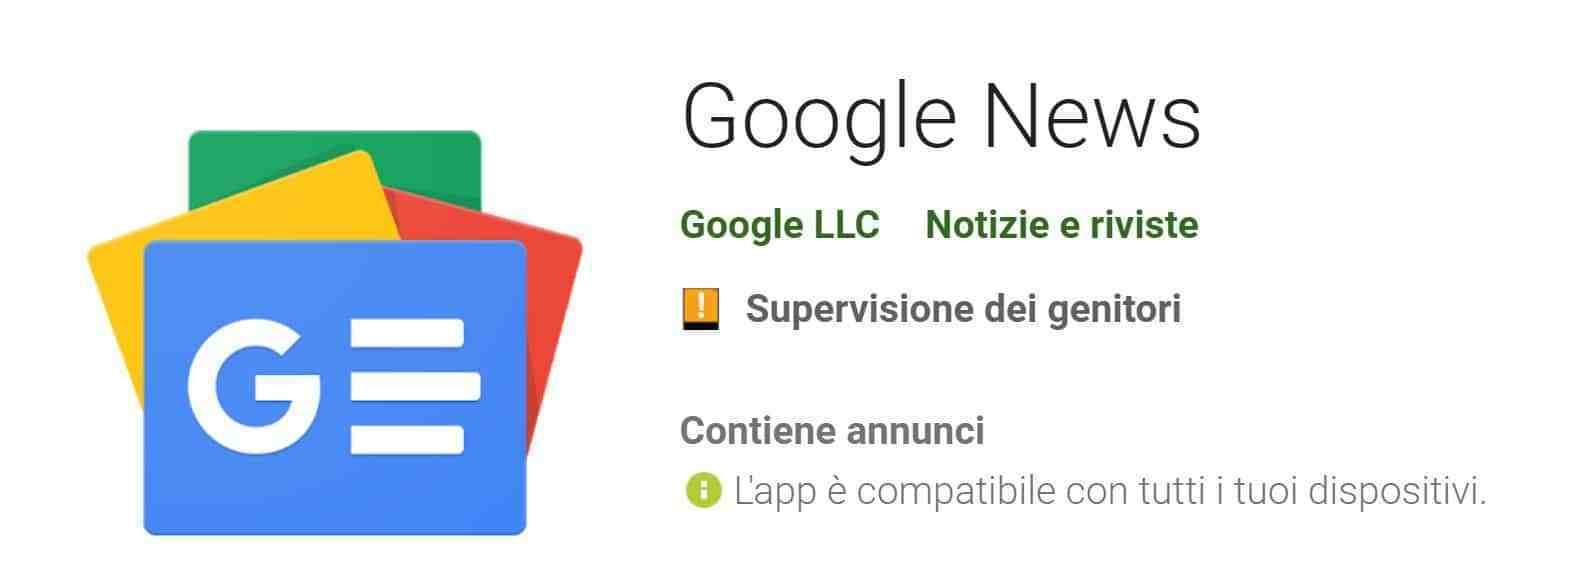 Rnbjunk Musica Google News